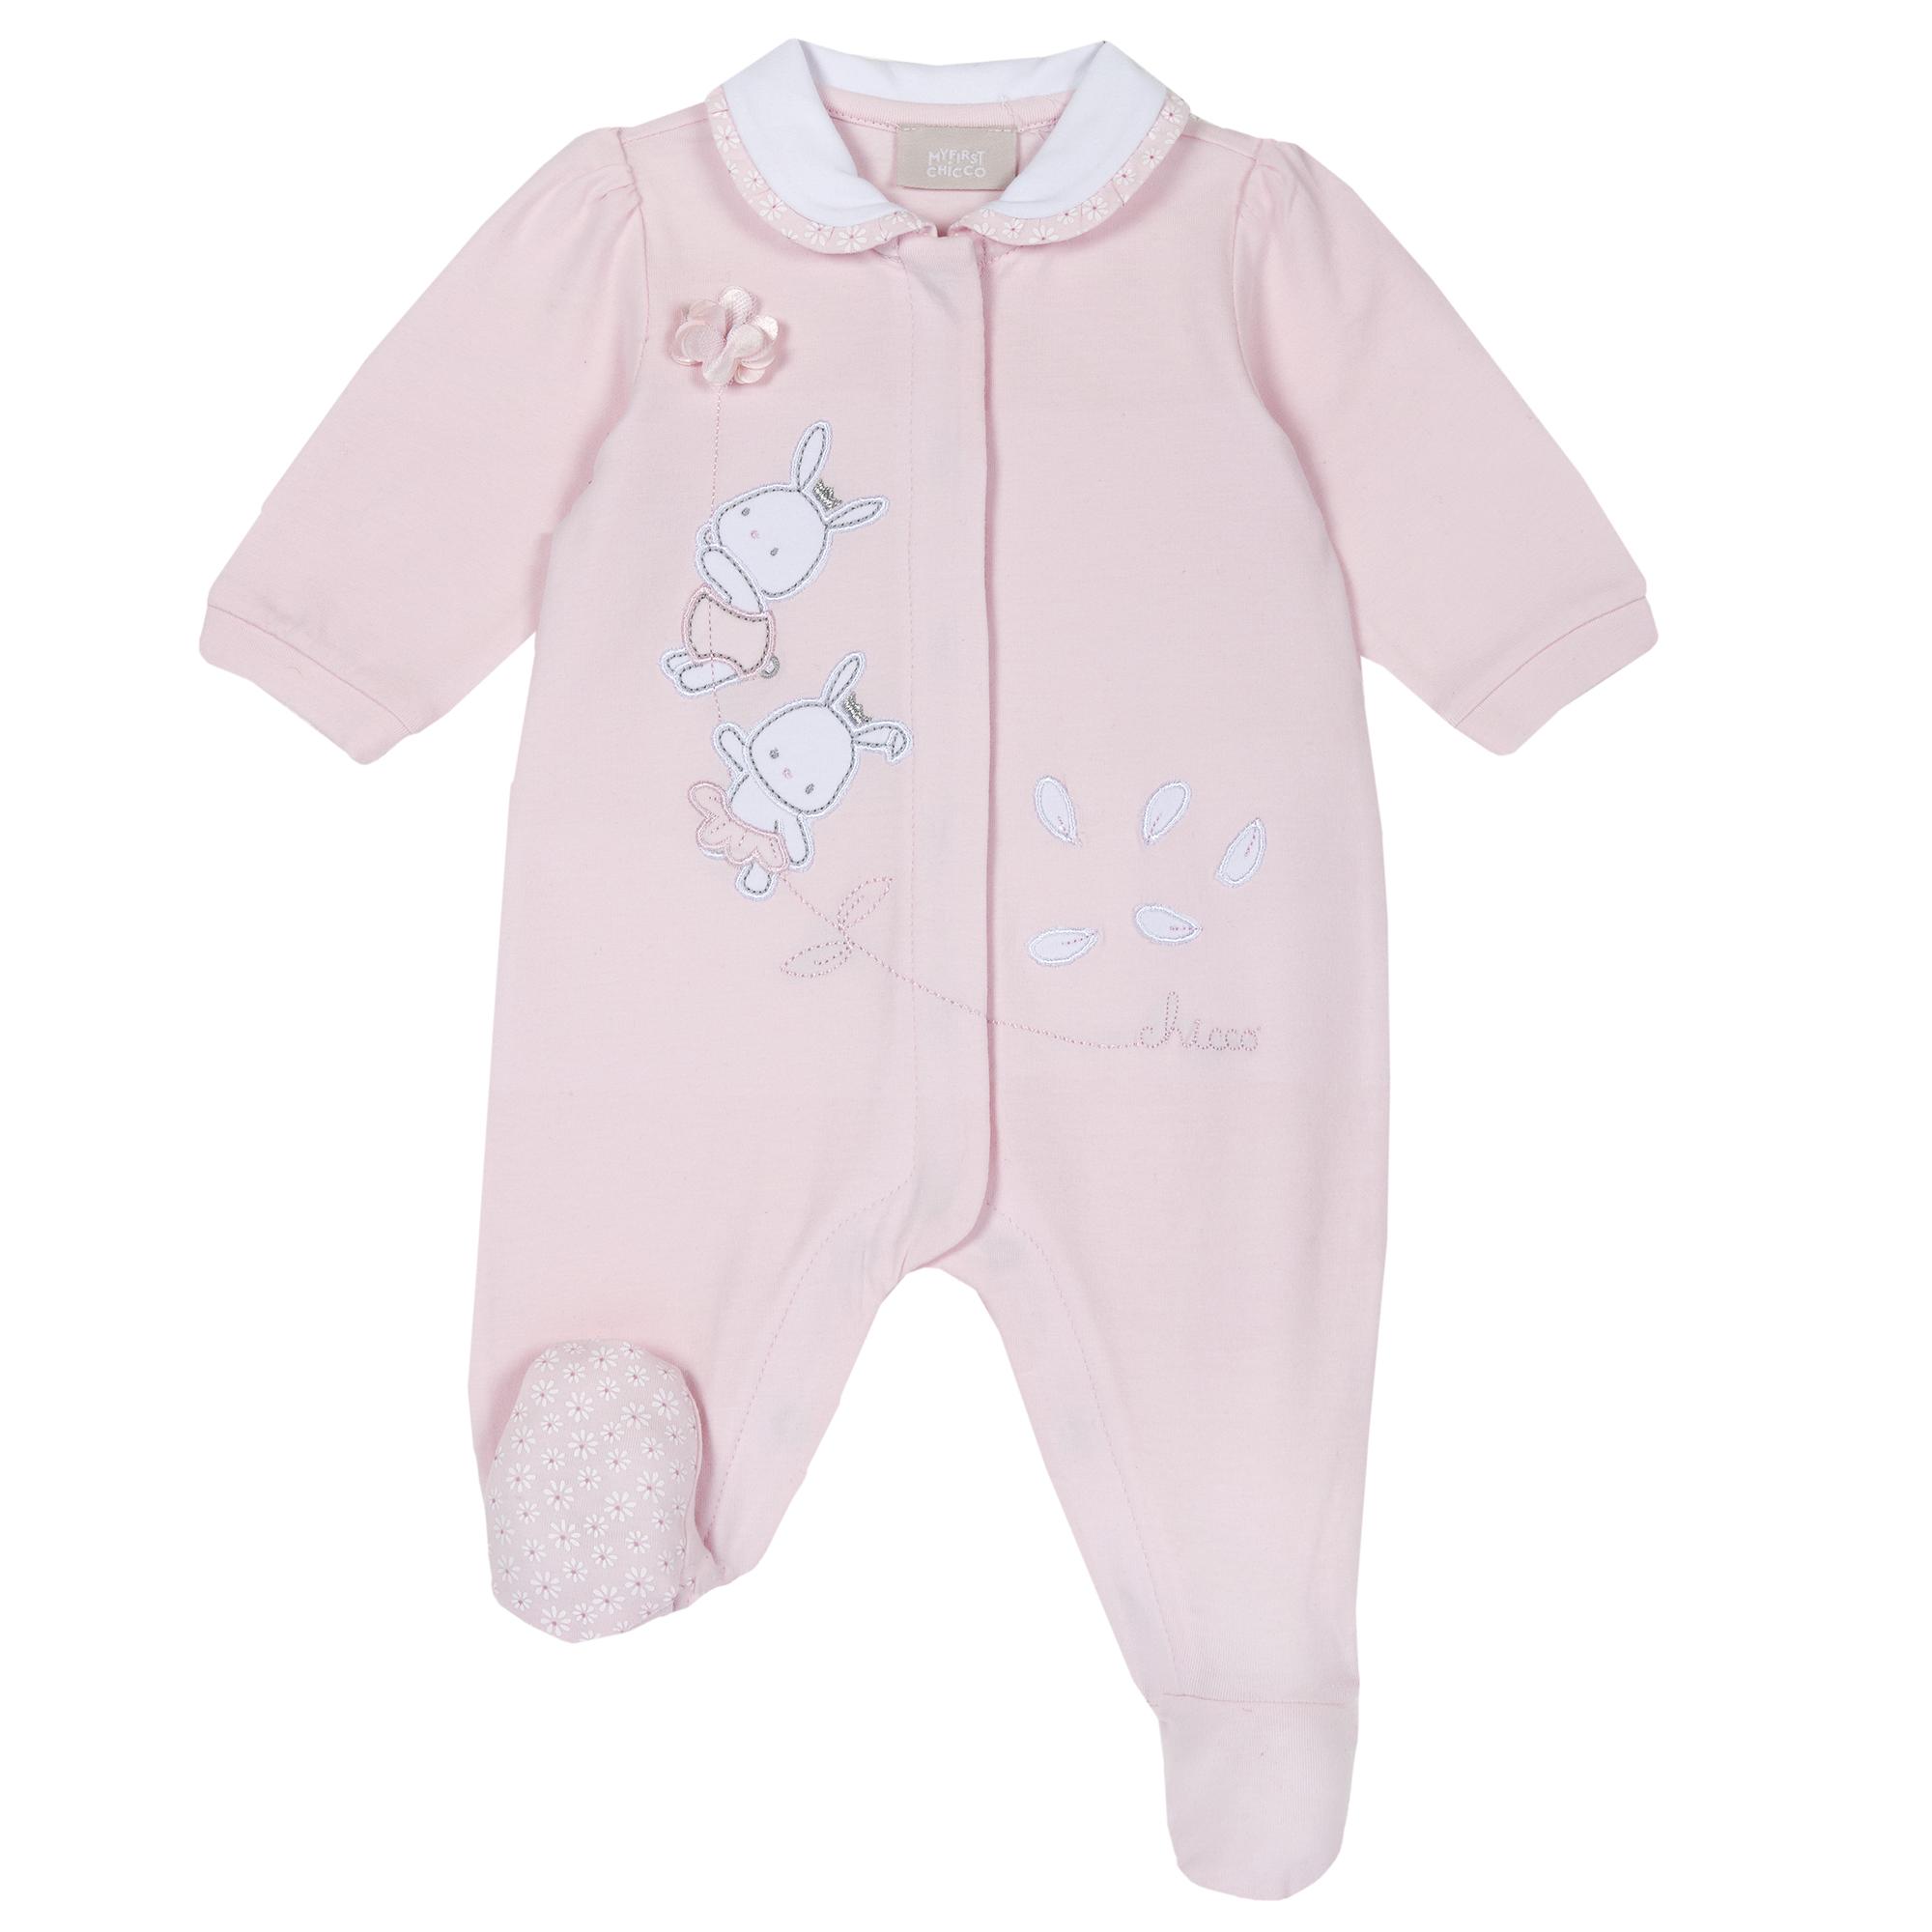 Salopeta Pentru Bebe Chicco, Botosei, Roz, 21943 imagine